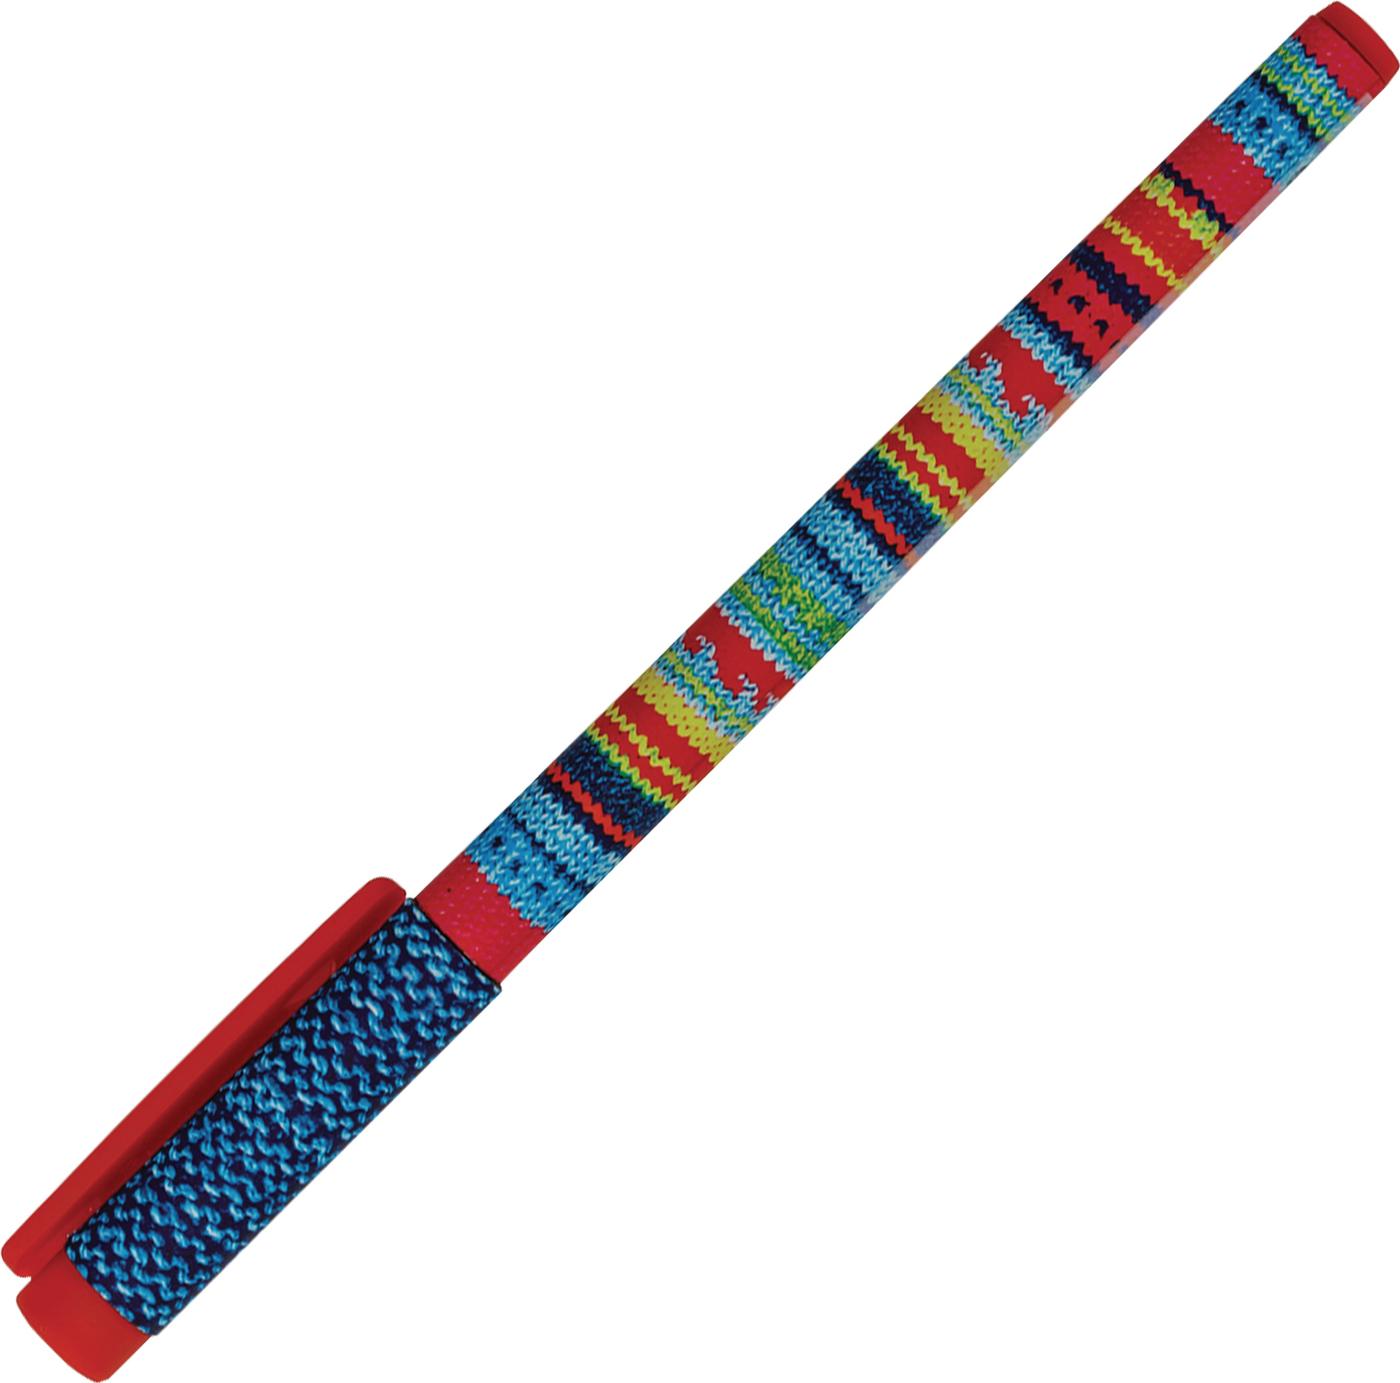 Bruno Visconti Ручка шариковая FunWrite Модный свитер, синяя, 2 шт.